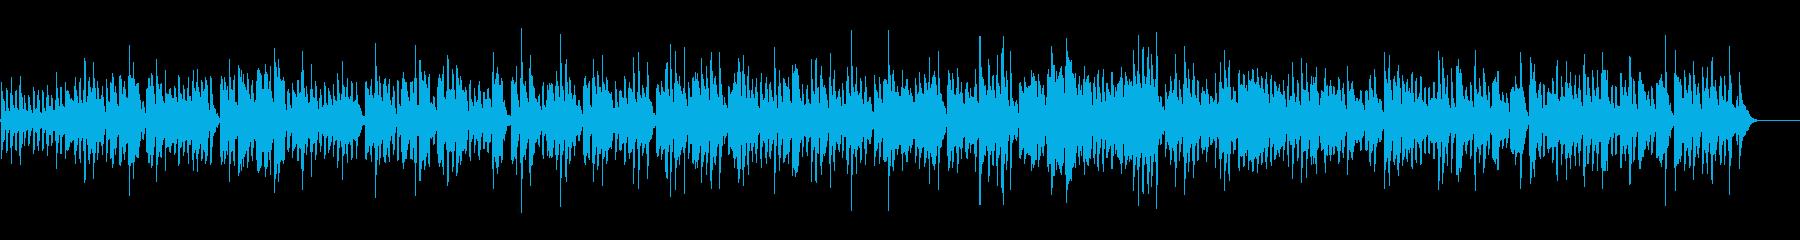 こっけいなコミカルなオーケストラキ...の再生済みの波形